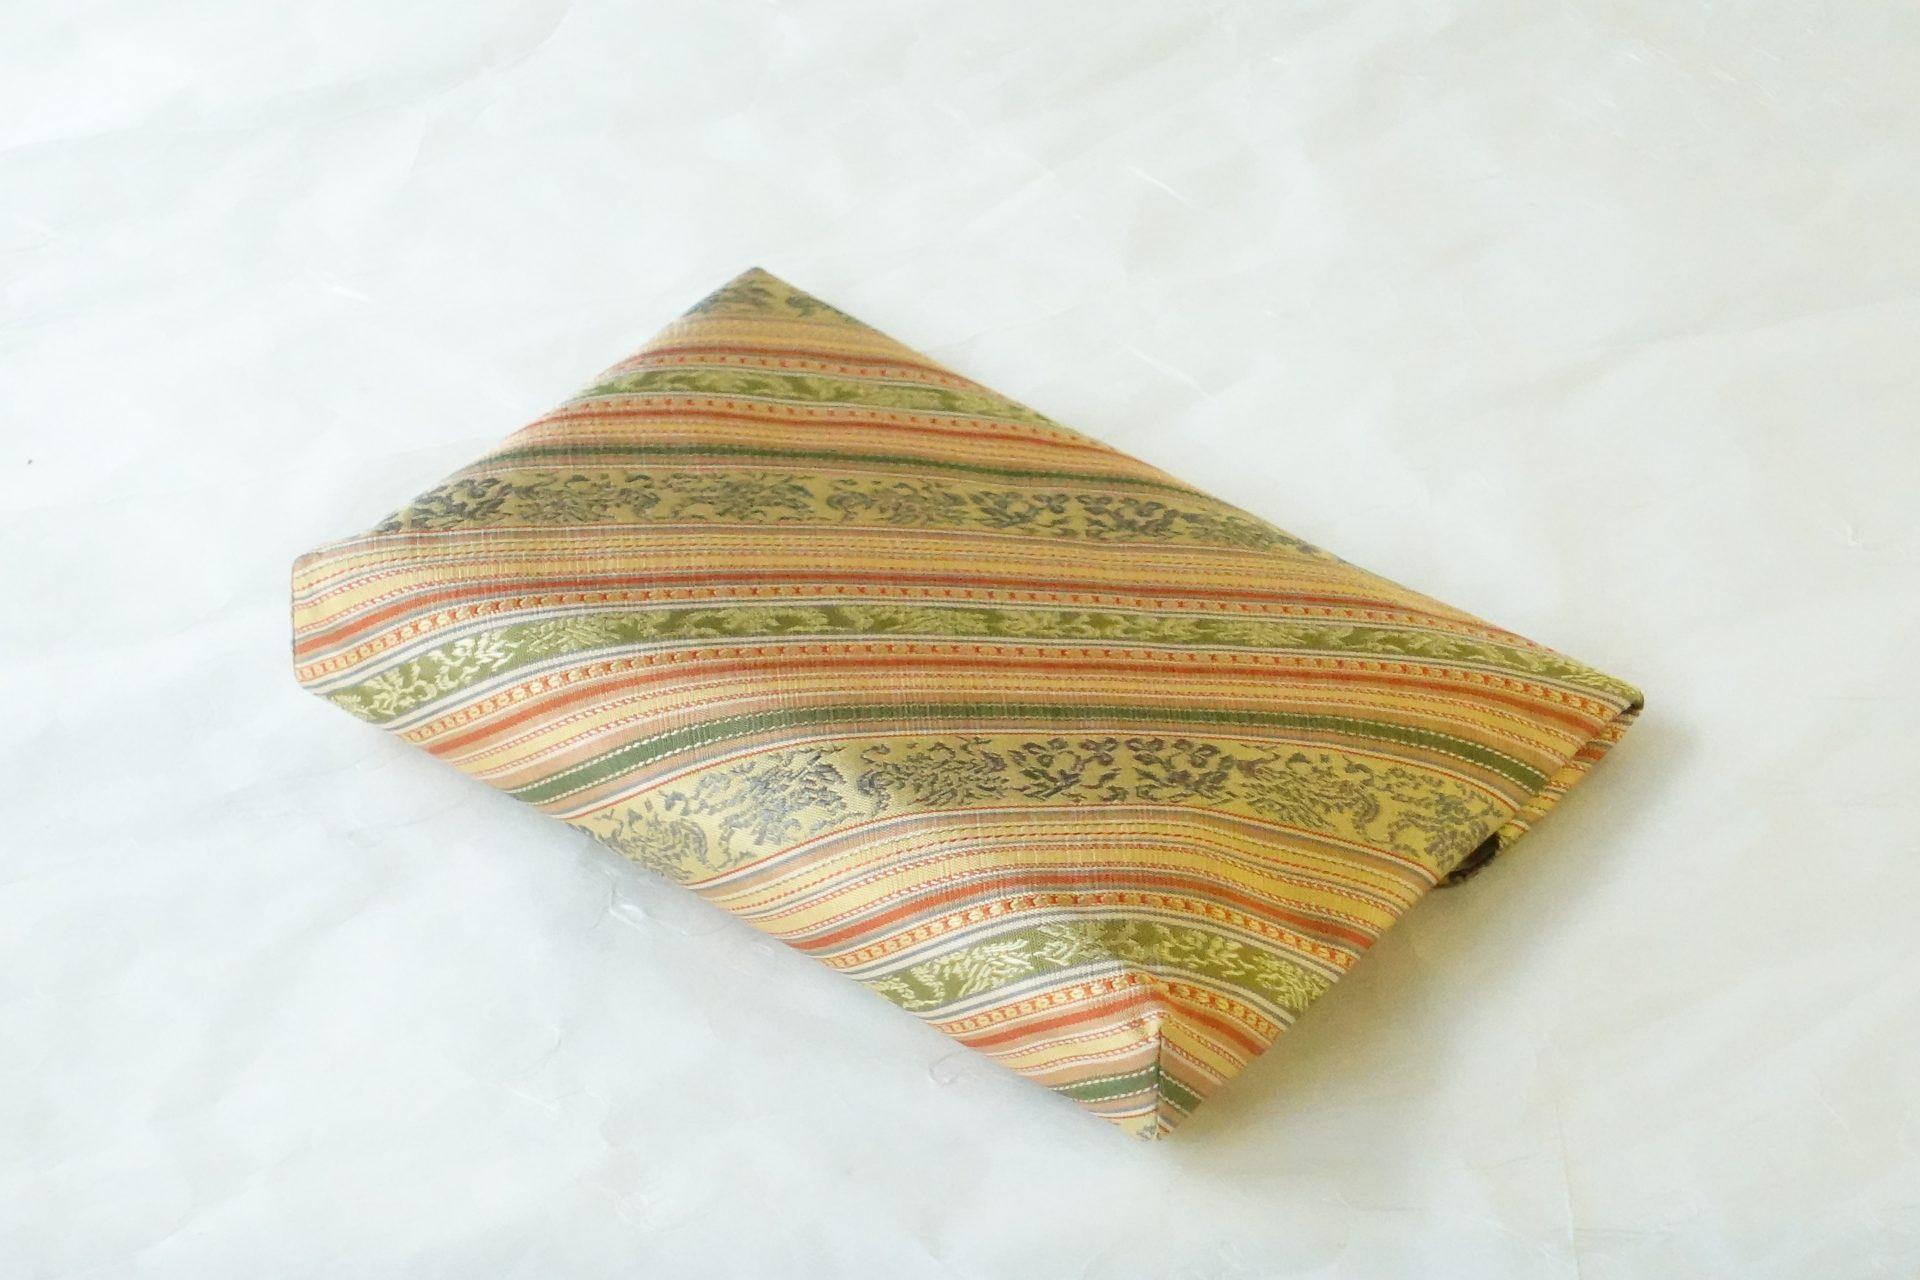 茶道具 茶の湯 茶道 日本製 正絹 数寄屋袋 すきやぶくろ 和装 ハンドバッグ 間道 縞模様 織物 鳳凰 2種類 多種多様な柄 細かい 繊細 手間がかかる 気品がある 絶妙なバランス